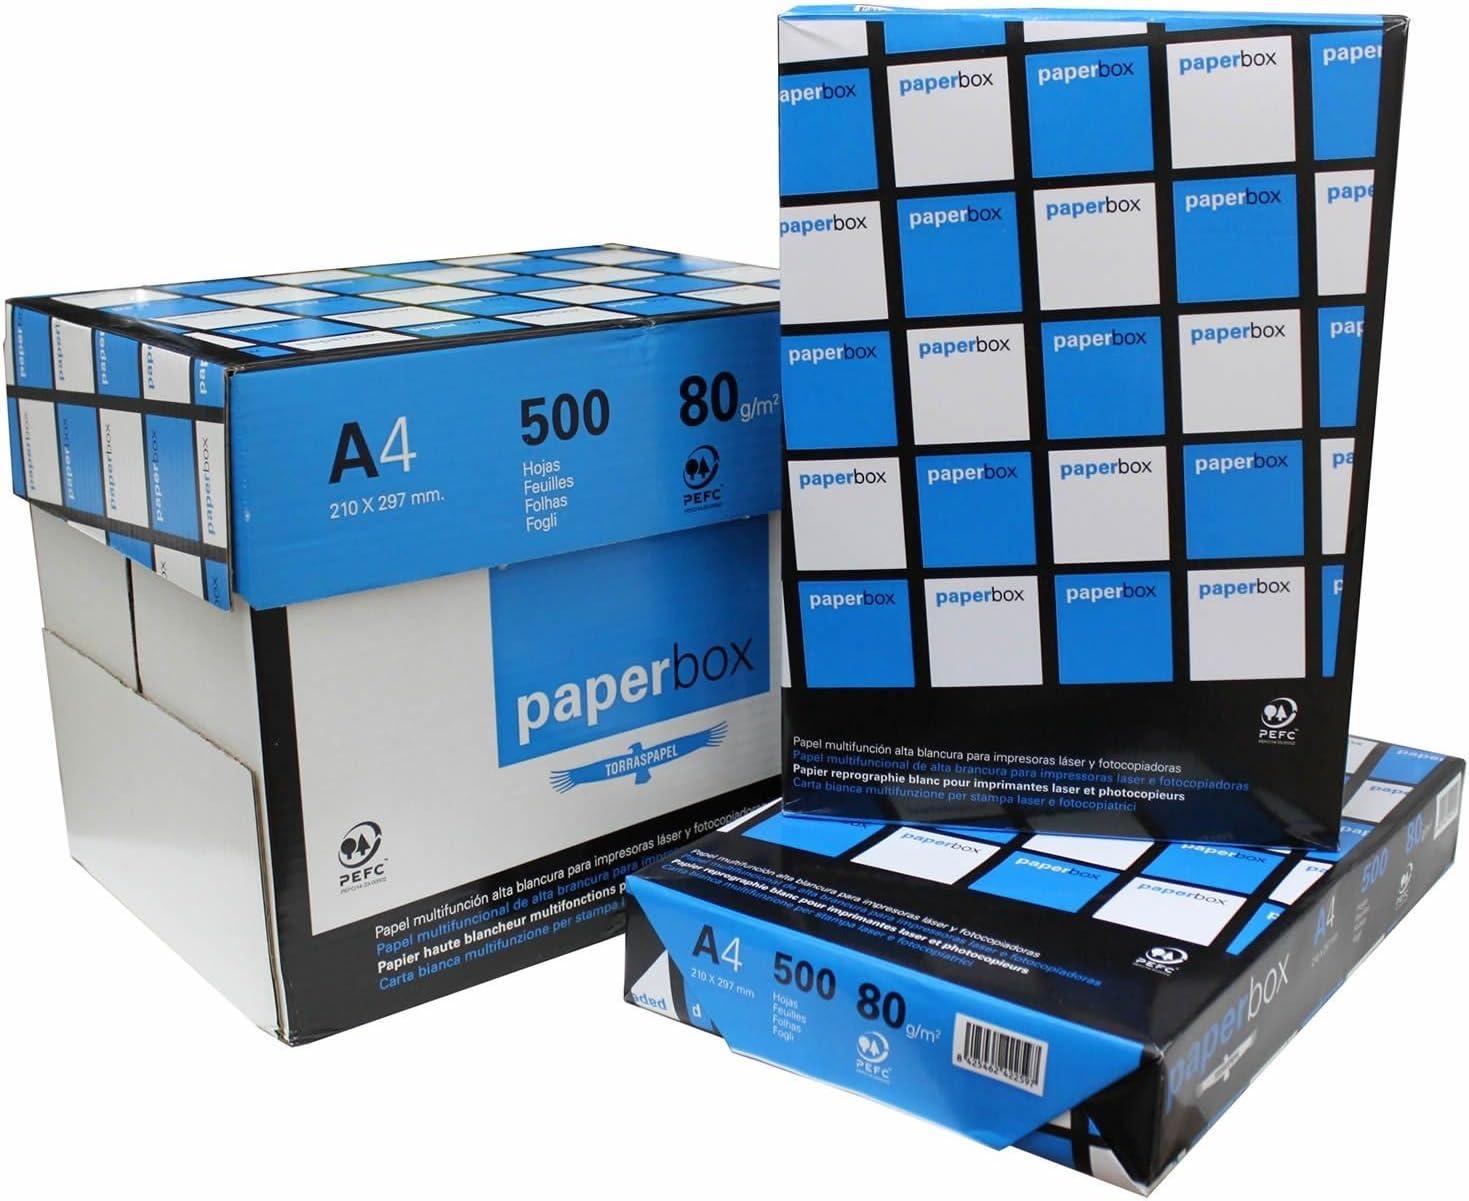 Torras - Papel paperbox 5 Paquetes x 500 Hojas - DIN a4 80grs - Papel de Oficina de Alta blancura: Amazon.es: Informática